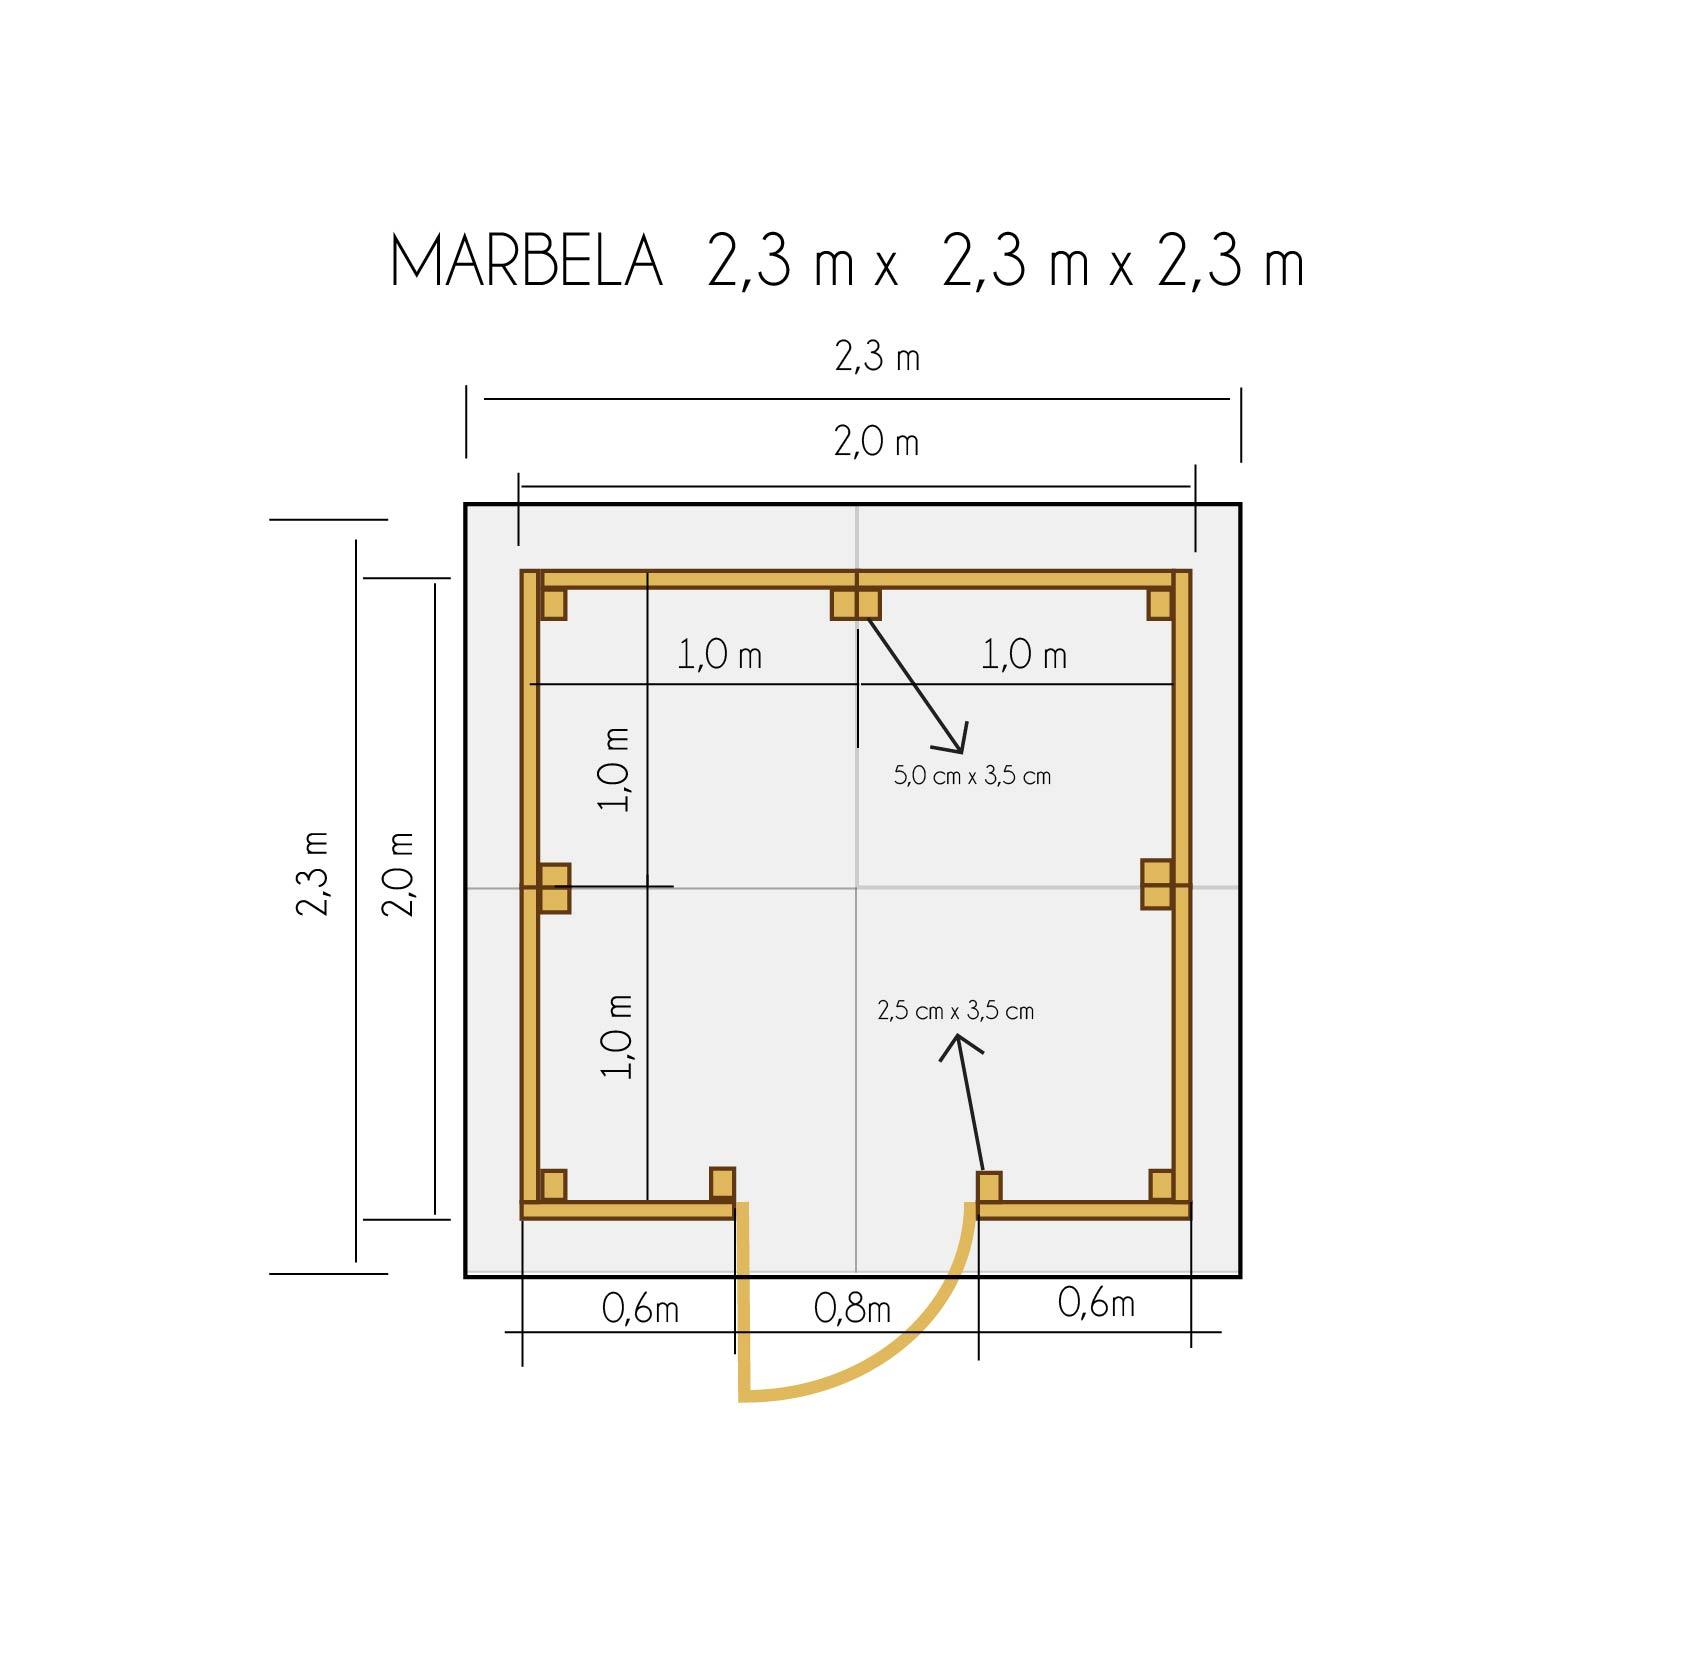 gartenh user bis 4 m2 gartenhaus aus holz 2 3m x 2 3m 19mm mit fenster marbela. Black Bedroom Furniture Sets. Home Design Ideas